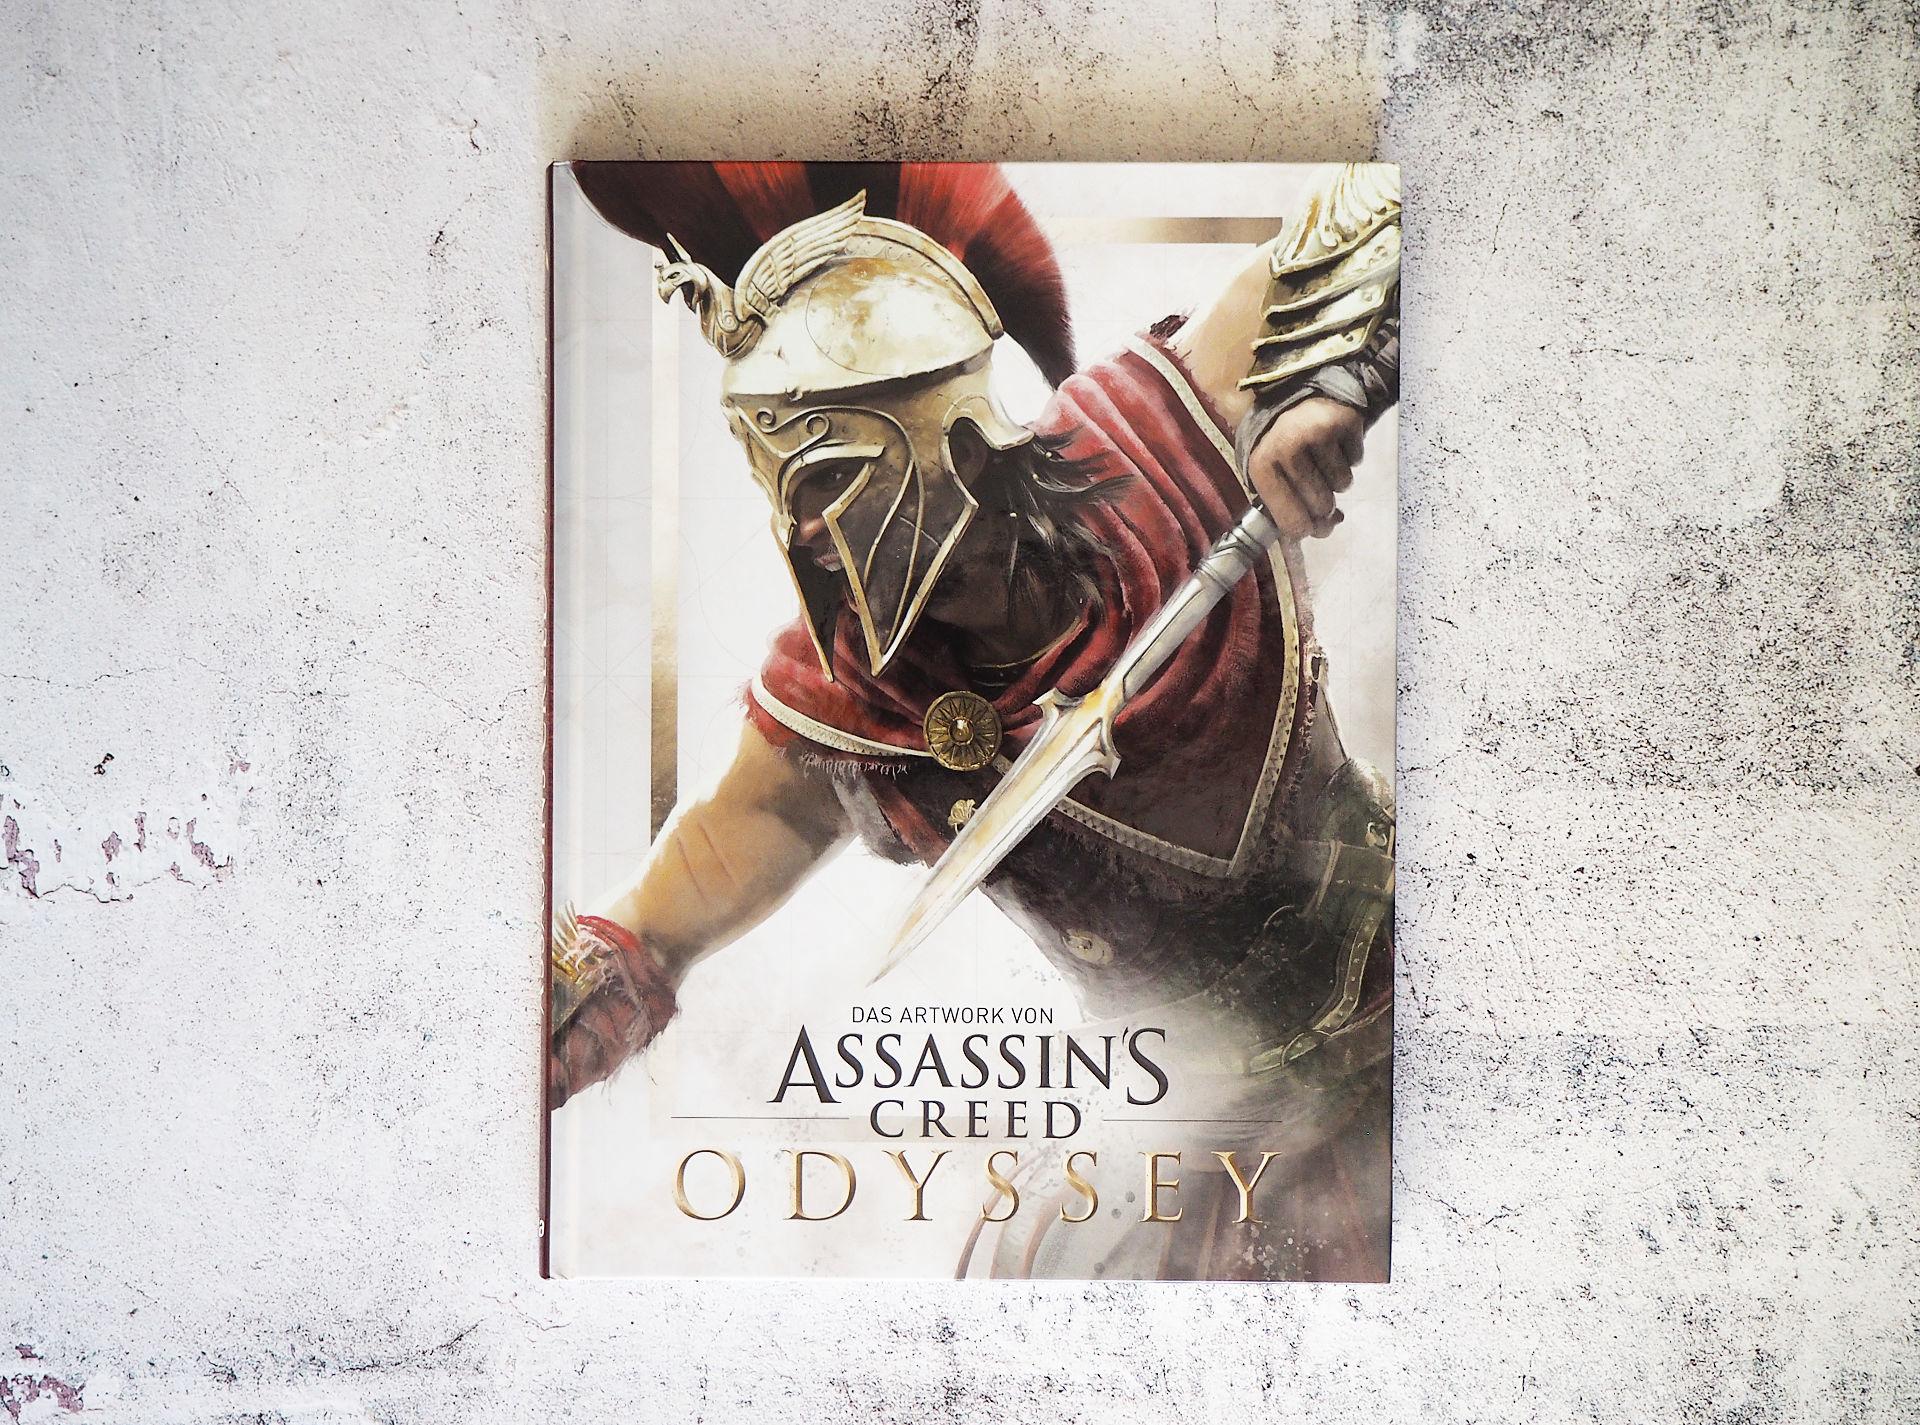 Das Artwork von Assassin's Creed Odyssey • Kate Lewis